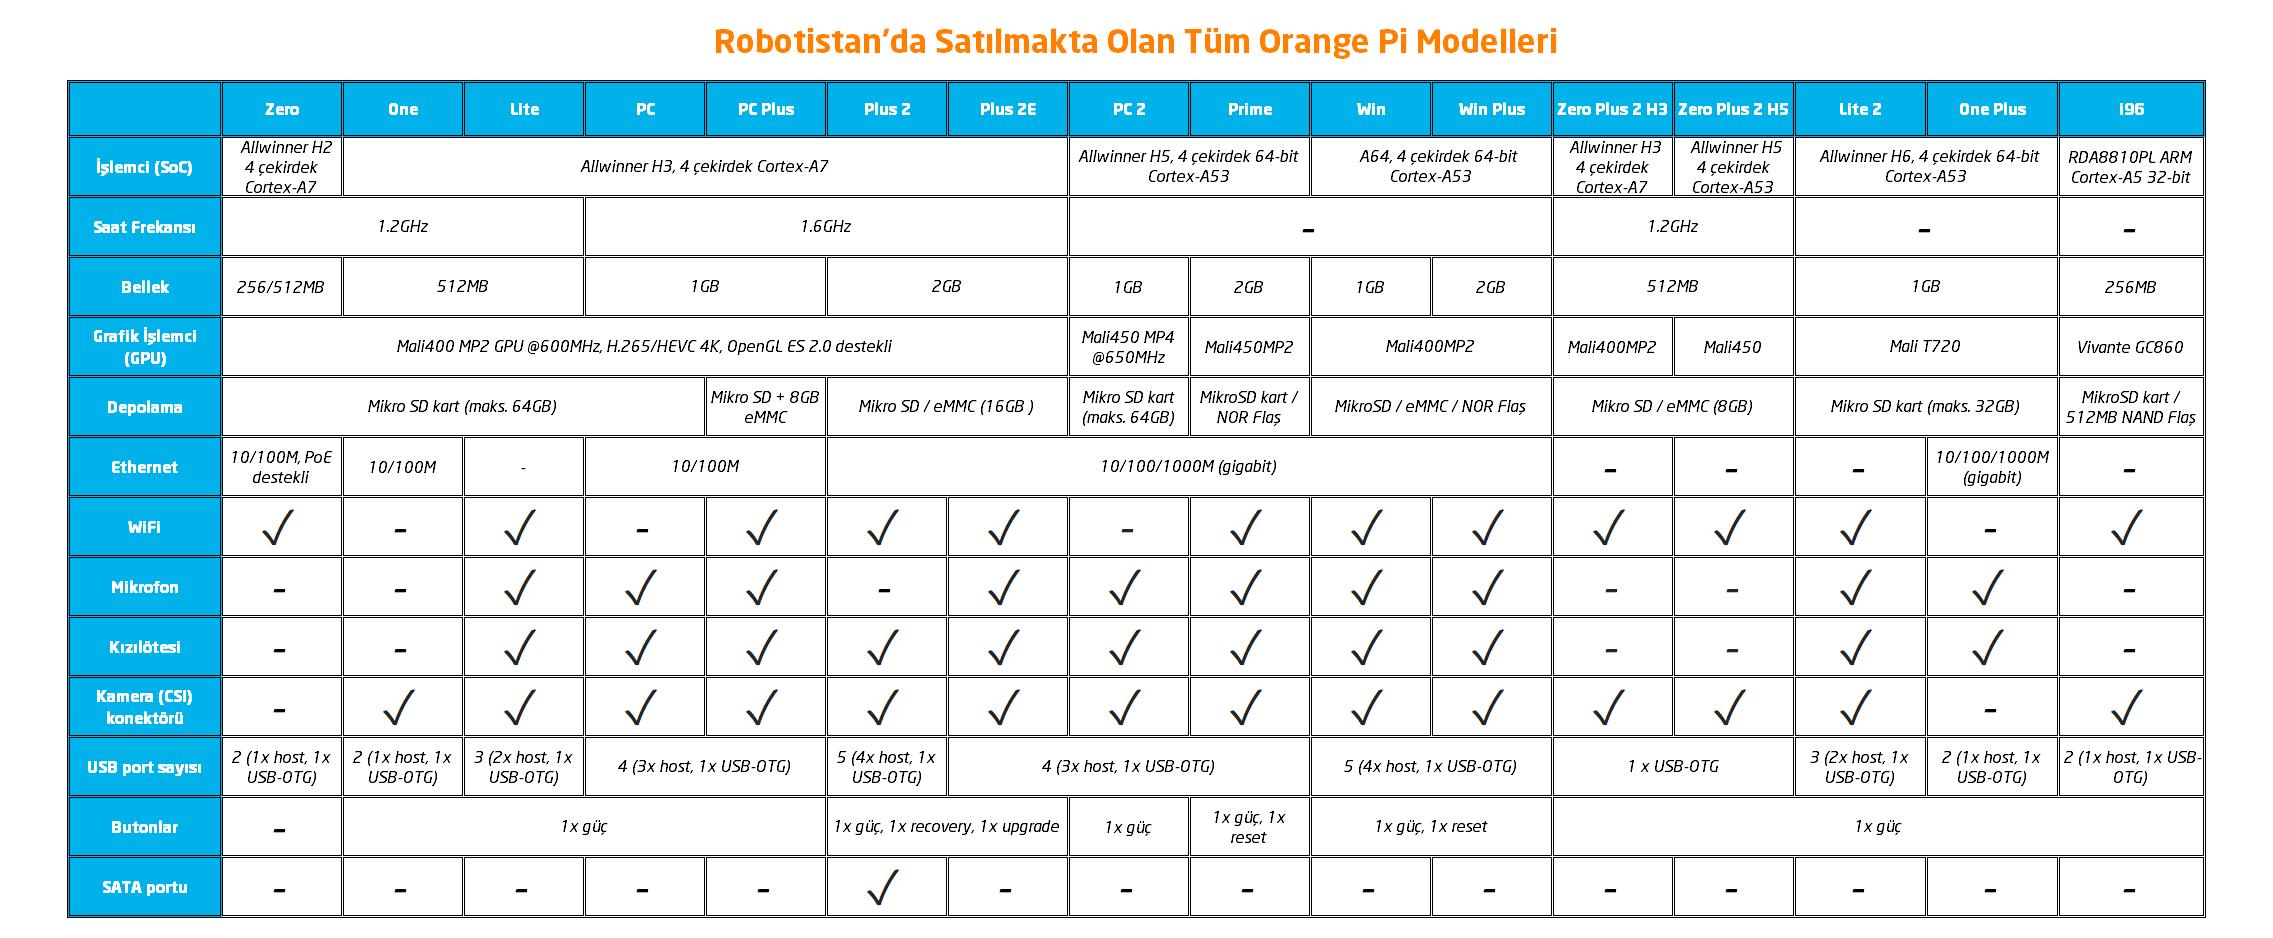 Robotistan'da Satılan Orange Pi Modelleri